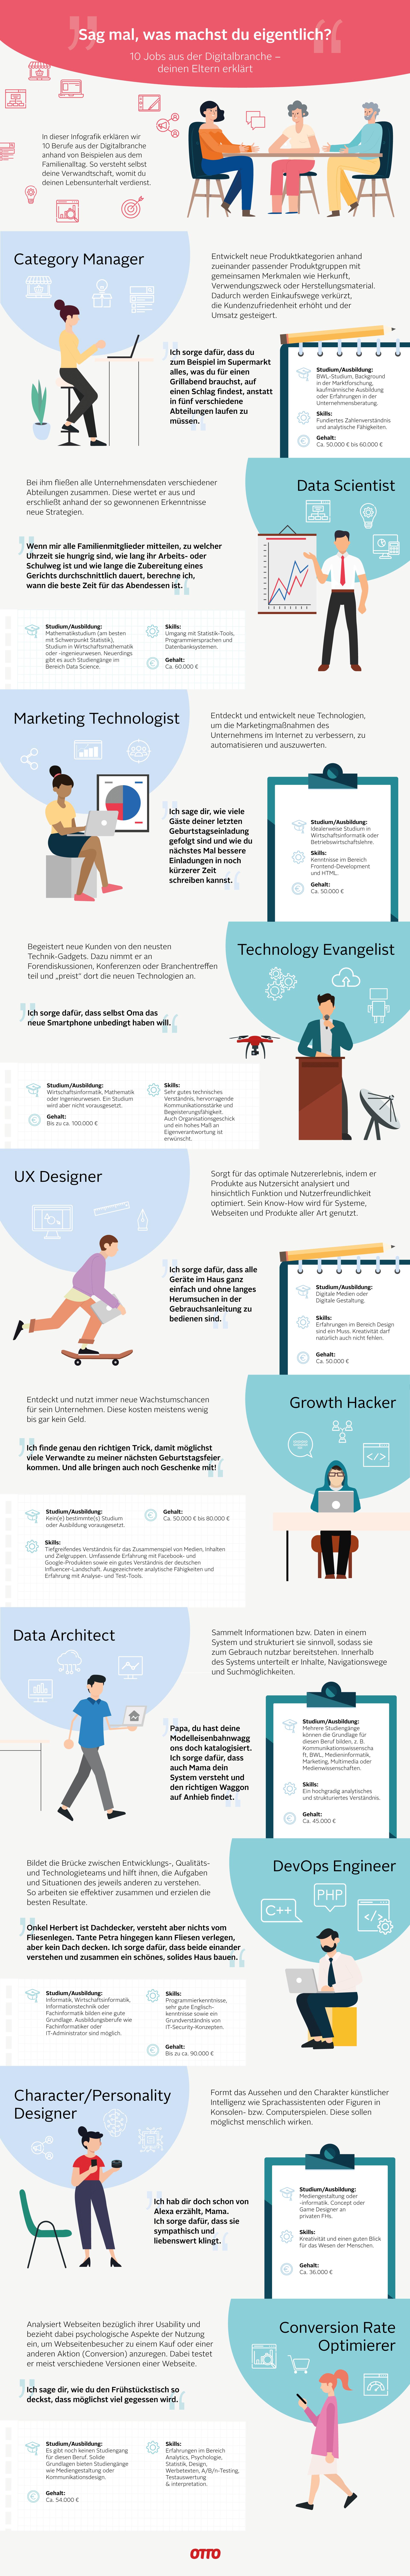 new work jobs infografik otto - Was macht eigentlich ein. . .? Die digitale Branche und ihre Jobbezeichnungen